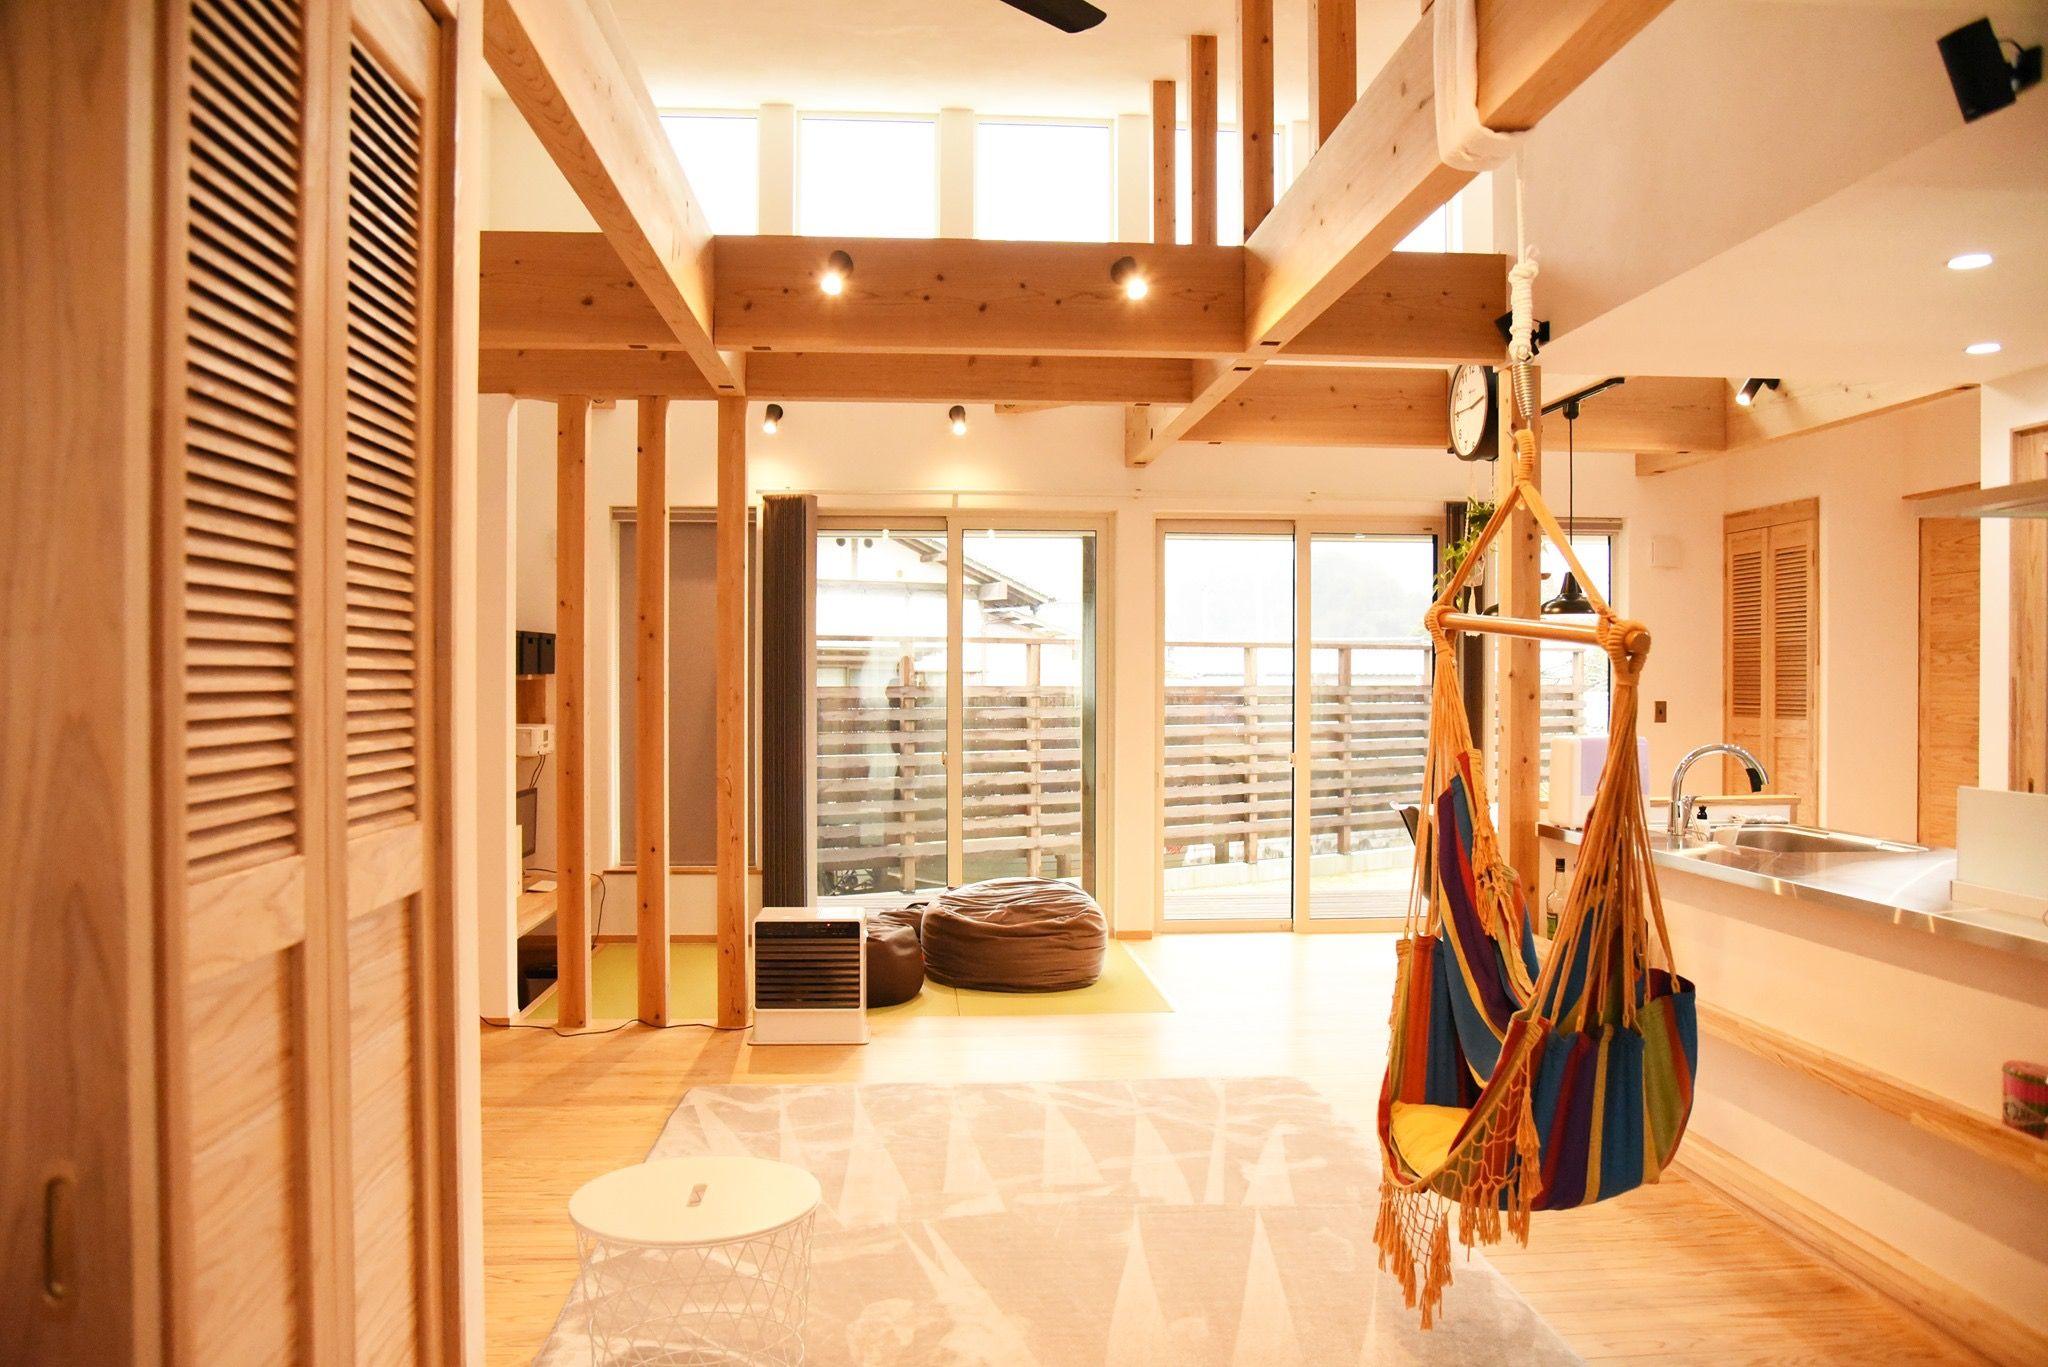 天井が程よい高さの吹き抜け空間広がる平屋です Ldkと ワーク